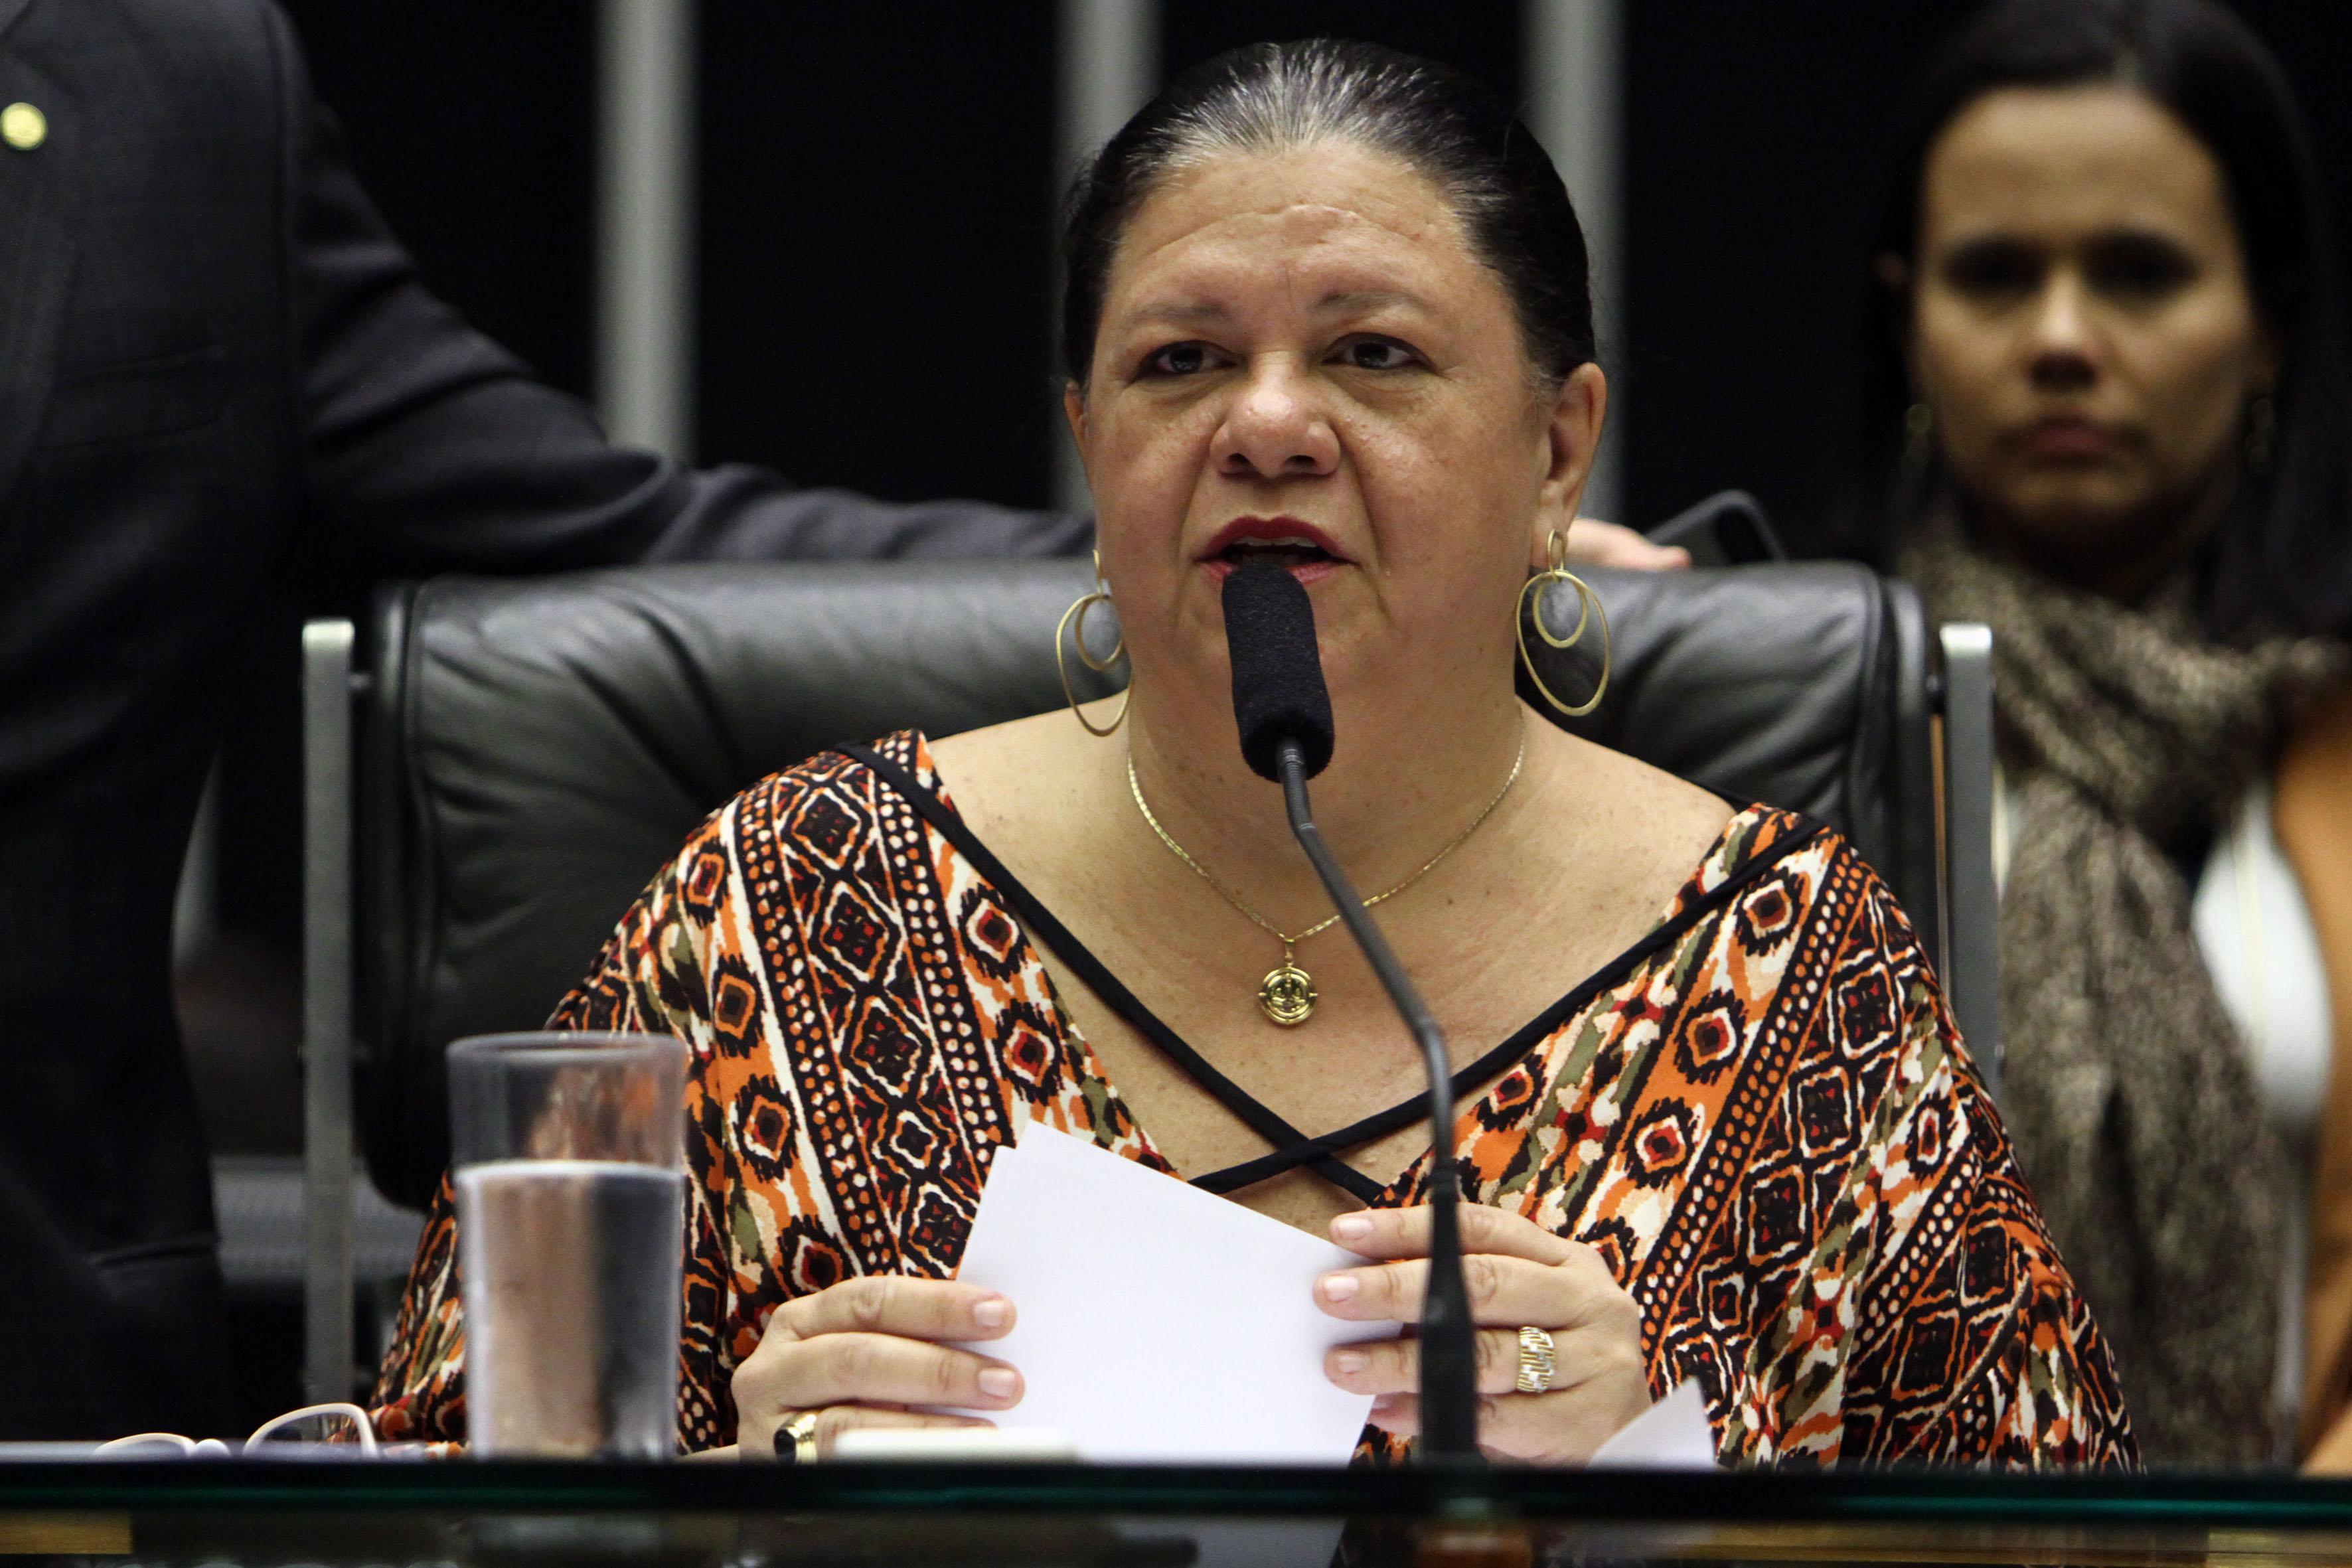 Homenagem ao Dia Internacional de Não-Violência contra a Mulher. Dep. Laura Carneiro (PMDB - RJ)